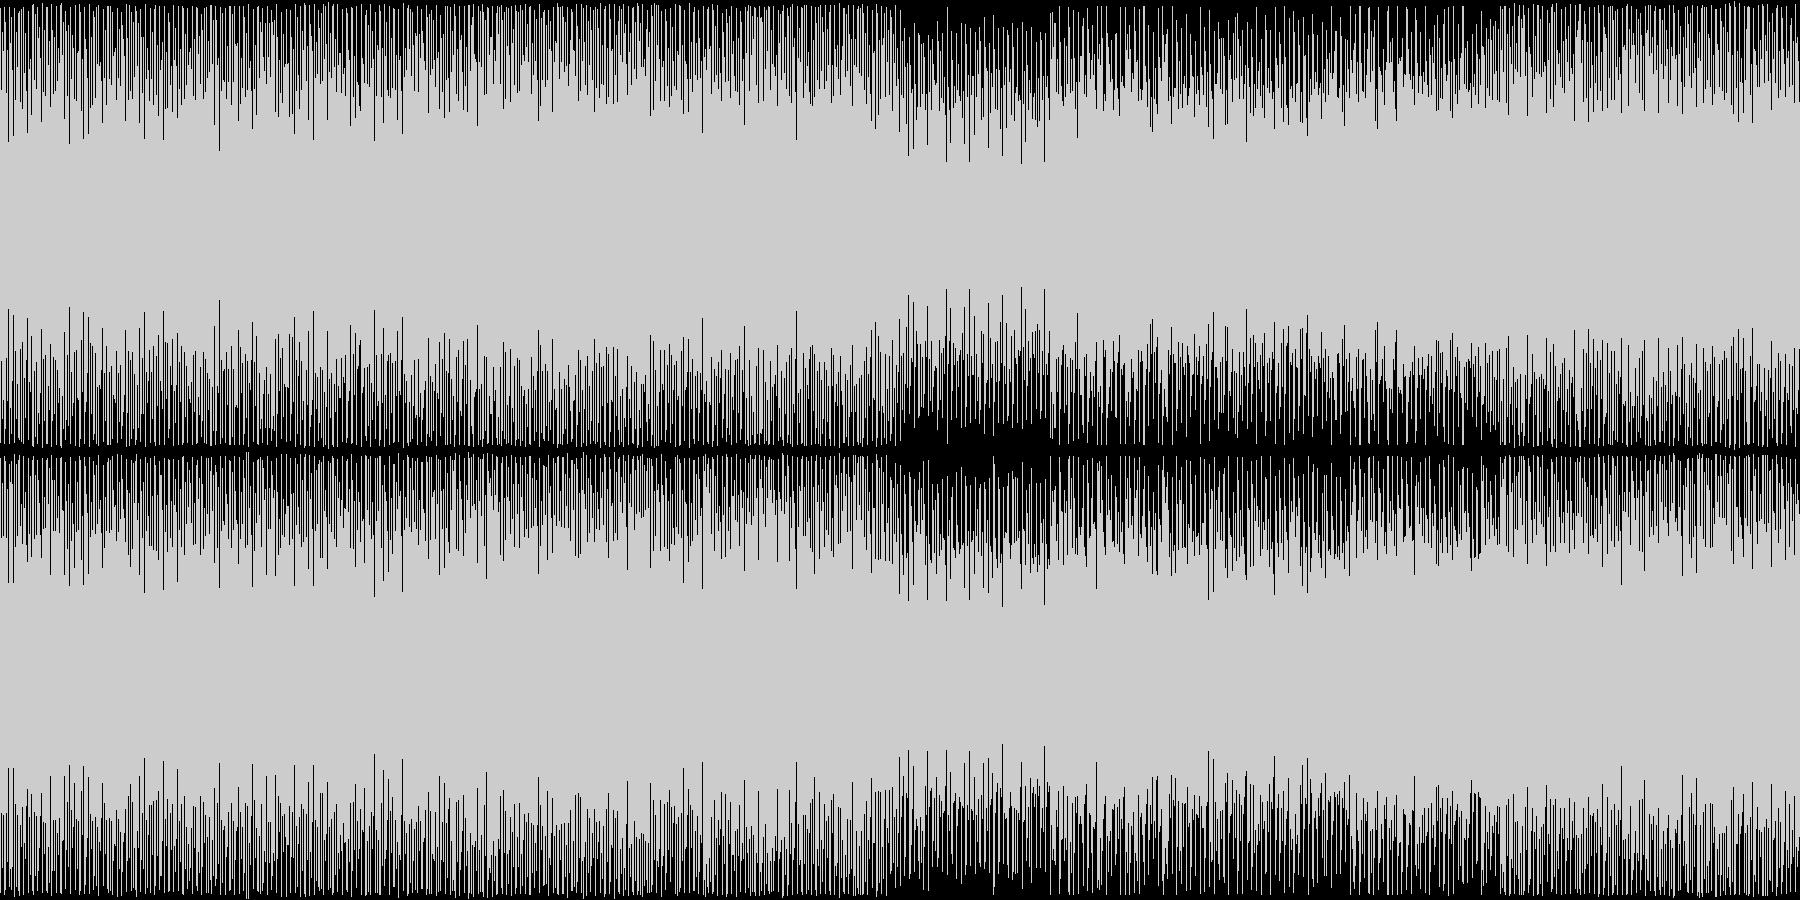 メロディ重視のループできるテクノポップの未再生の波形